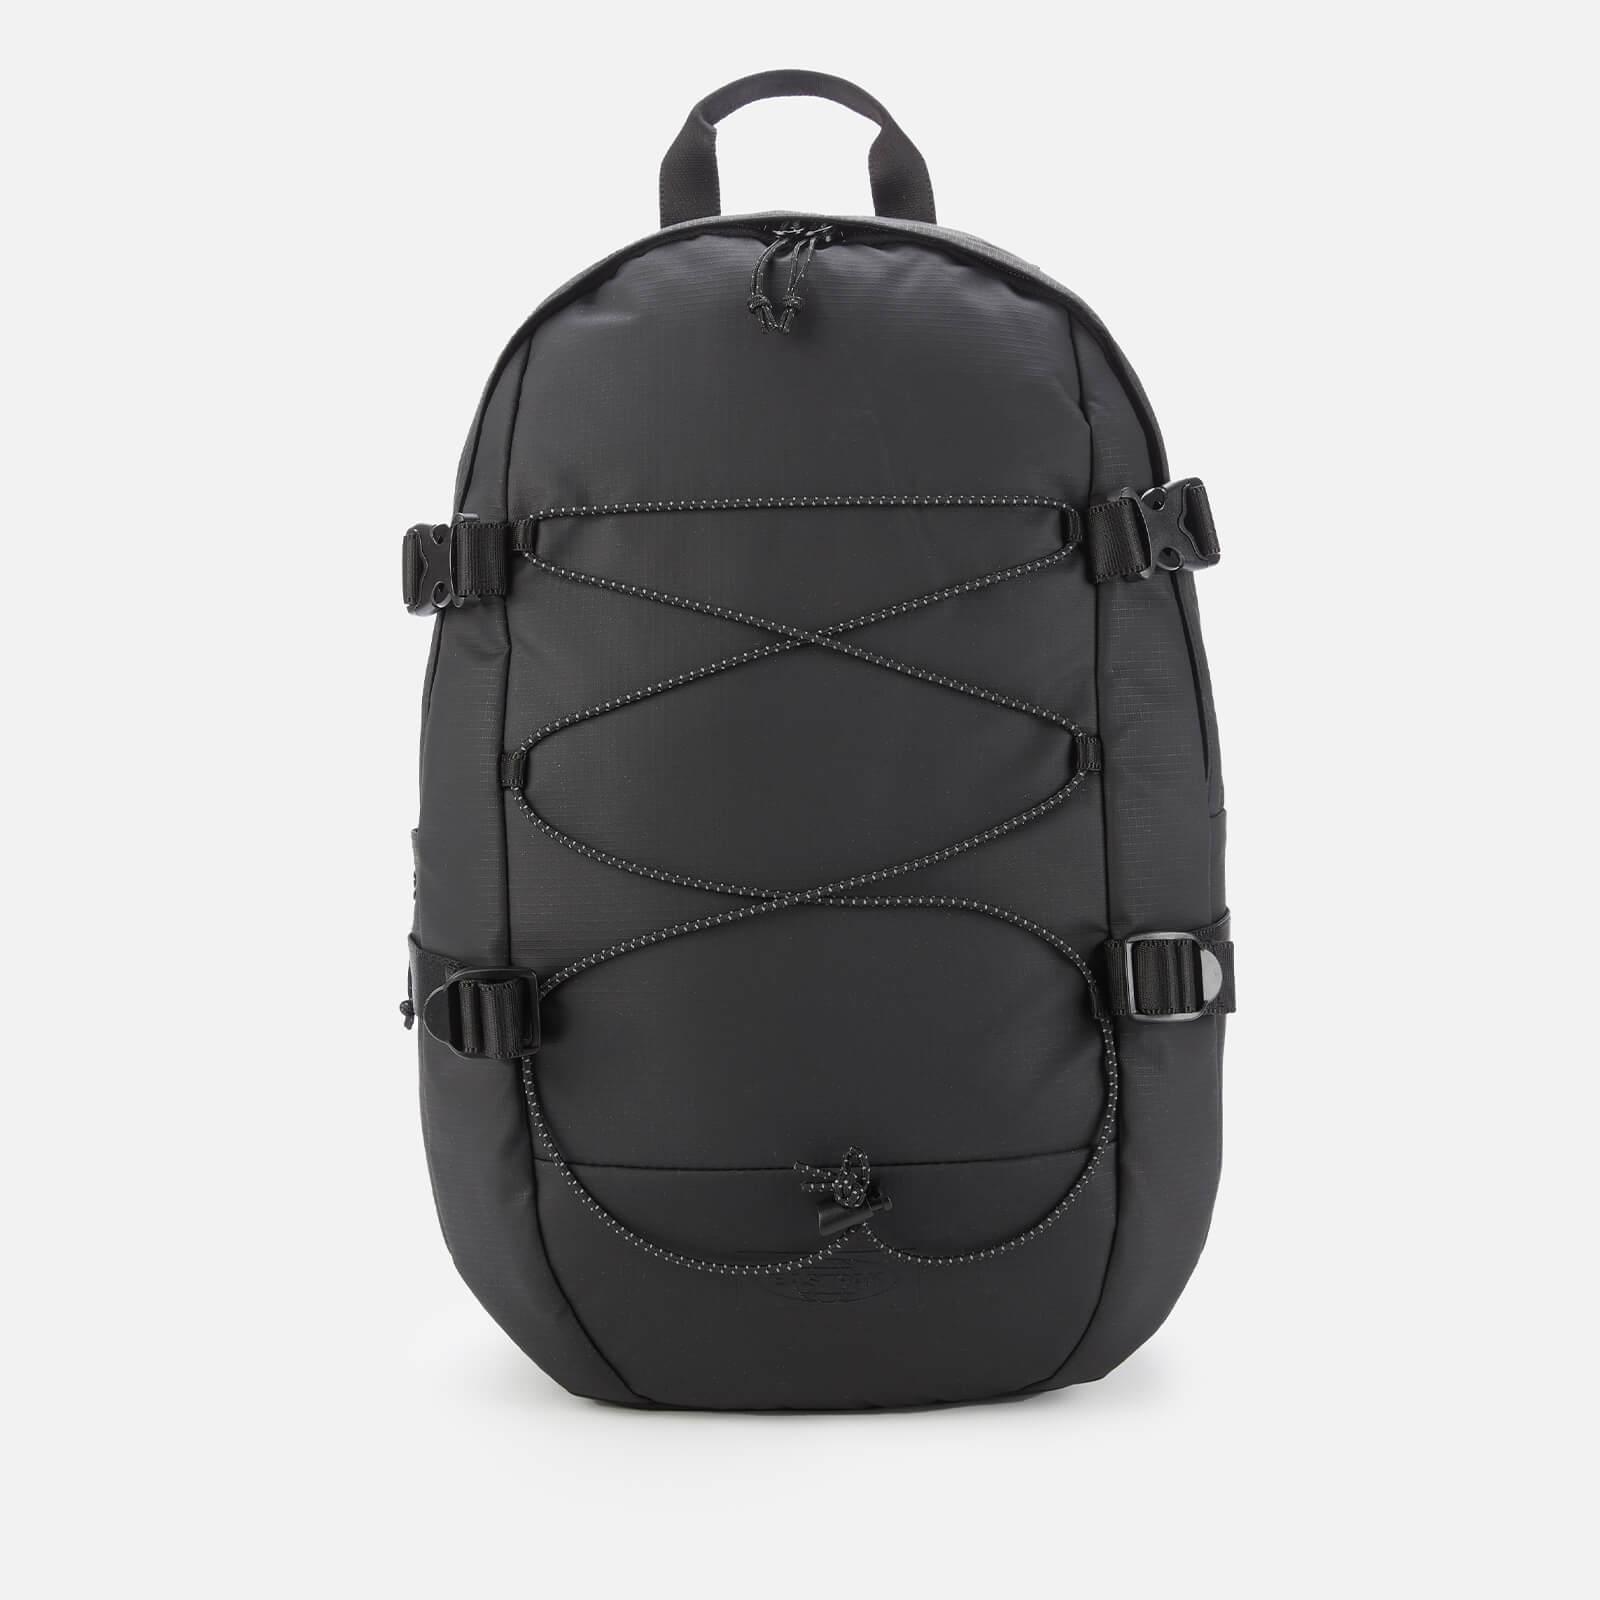 Eastpak Men's Borys Backpack - Surfaced Black